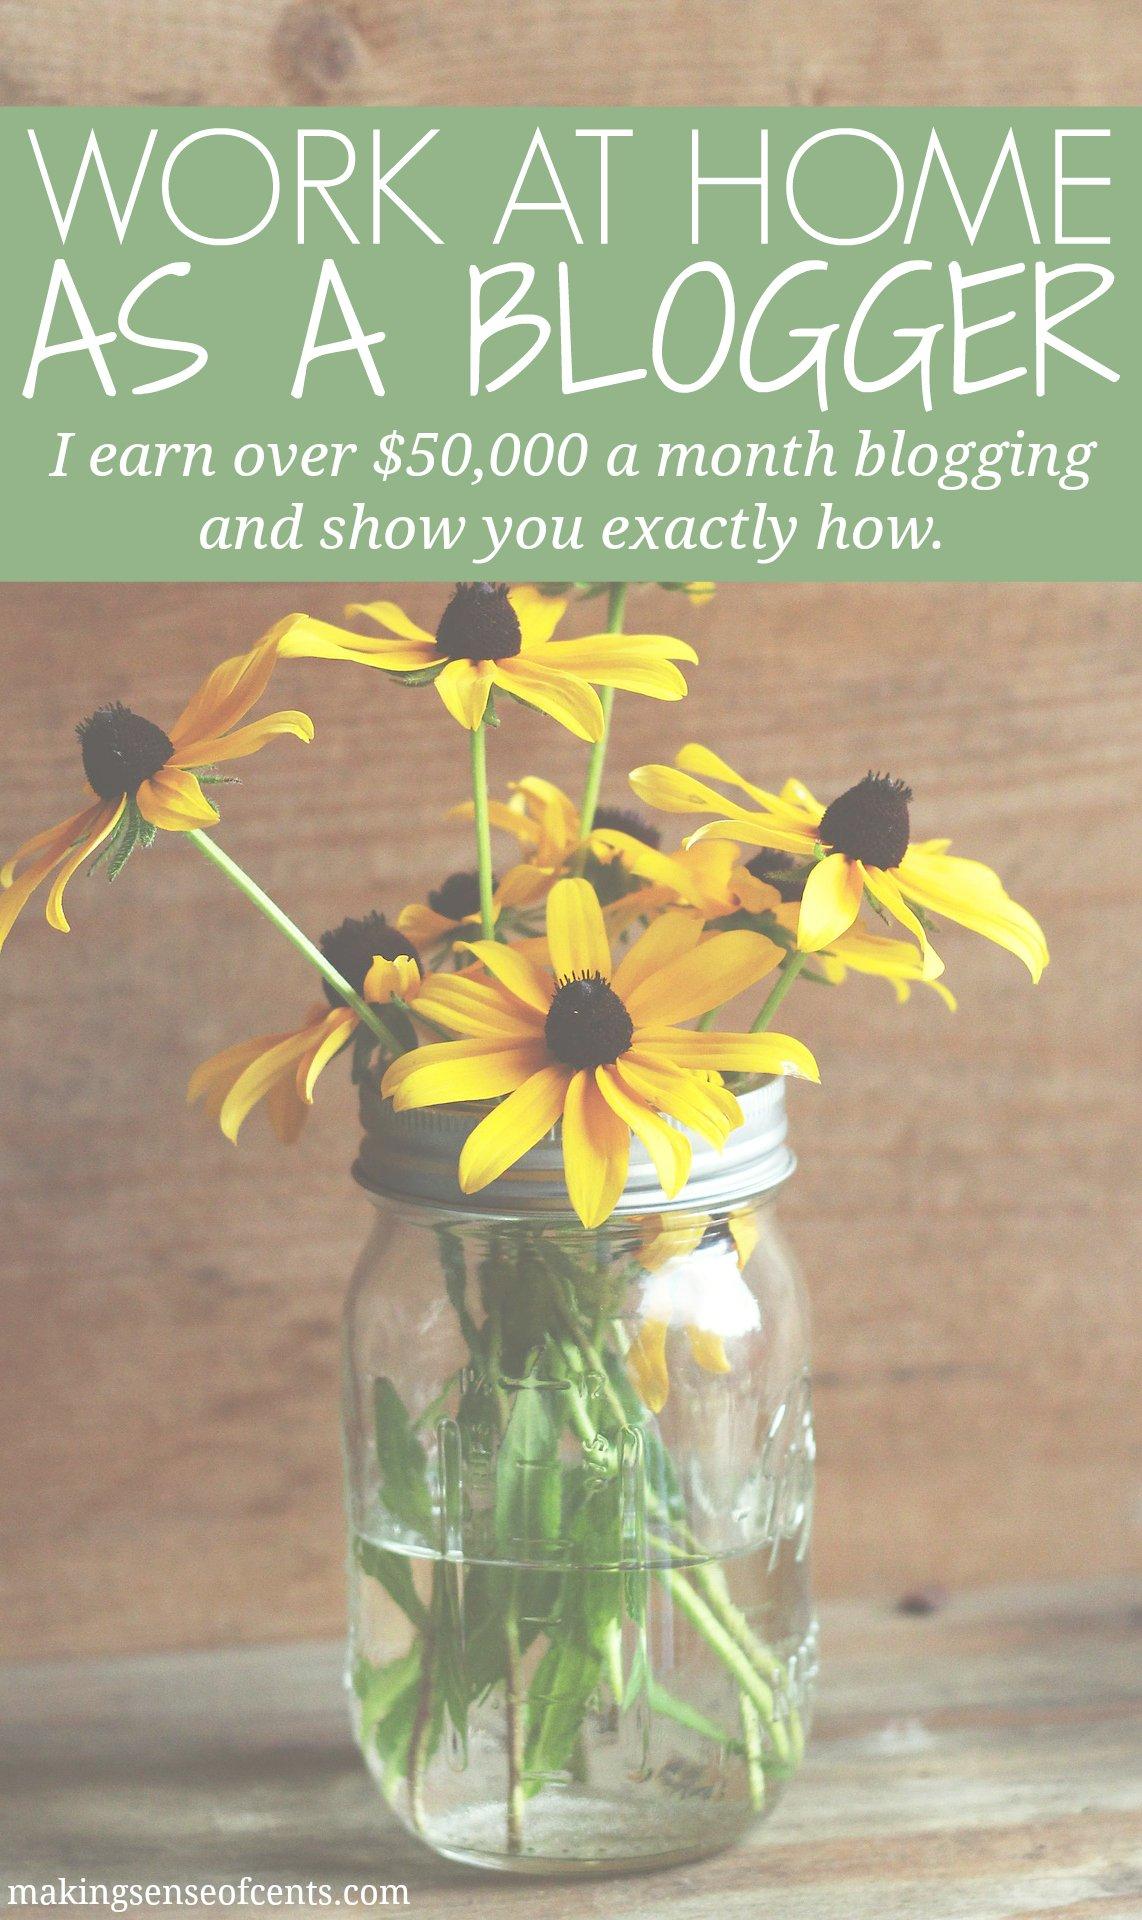 La guida definitiva per fare soldi blog - Come guadagno online oltre $ 50.000 al mese